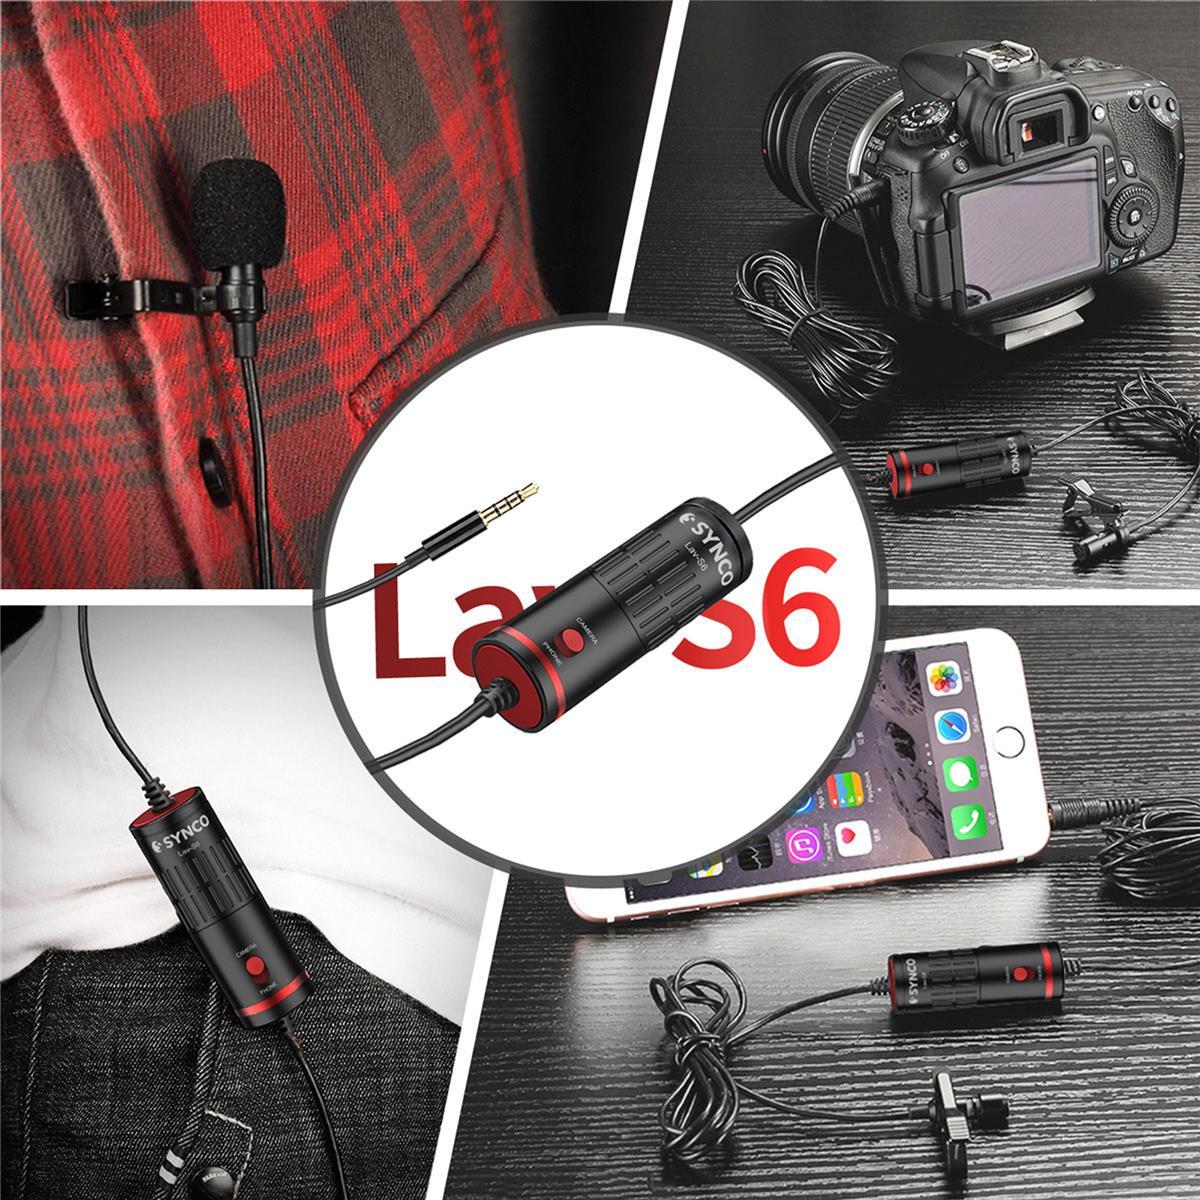 Synco Audio LAV-S6: Picture 12